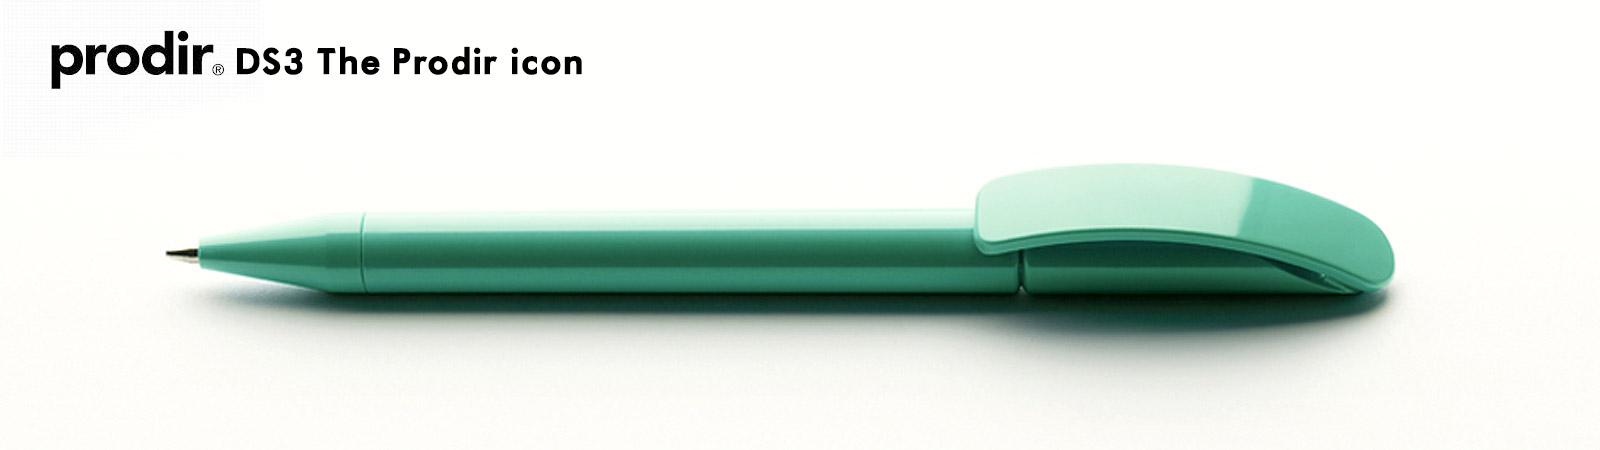 Prodir DS3 bedrukte pennen van Prikkels uit Eindhoven